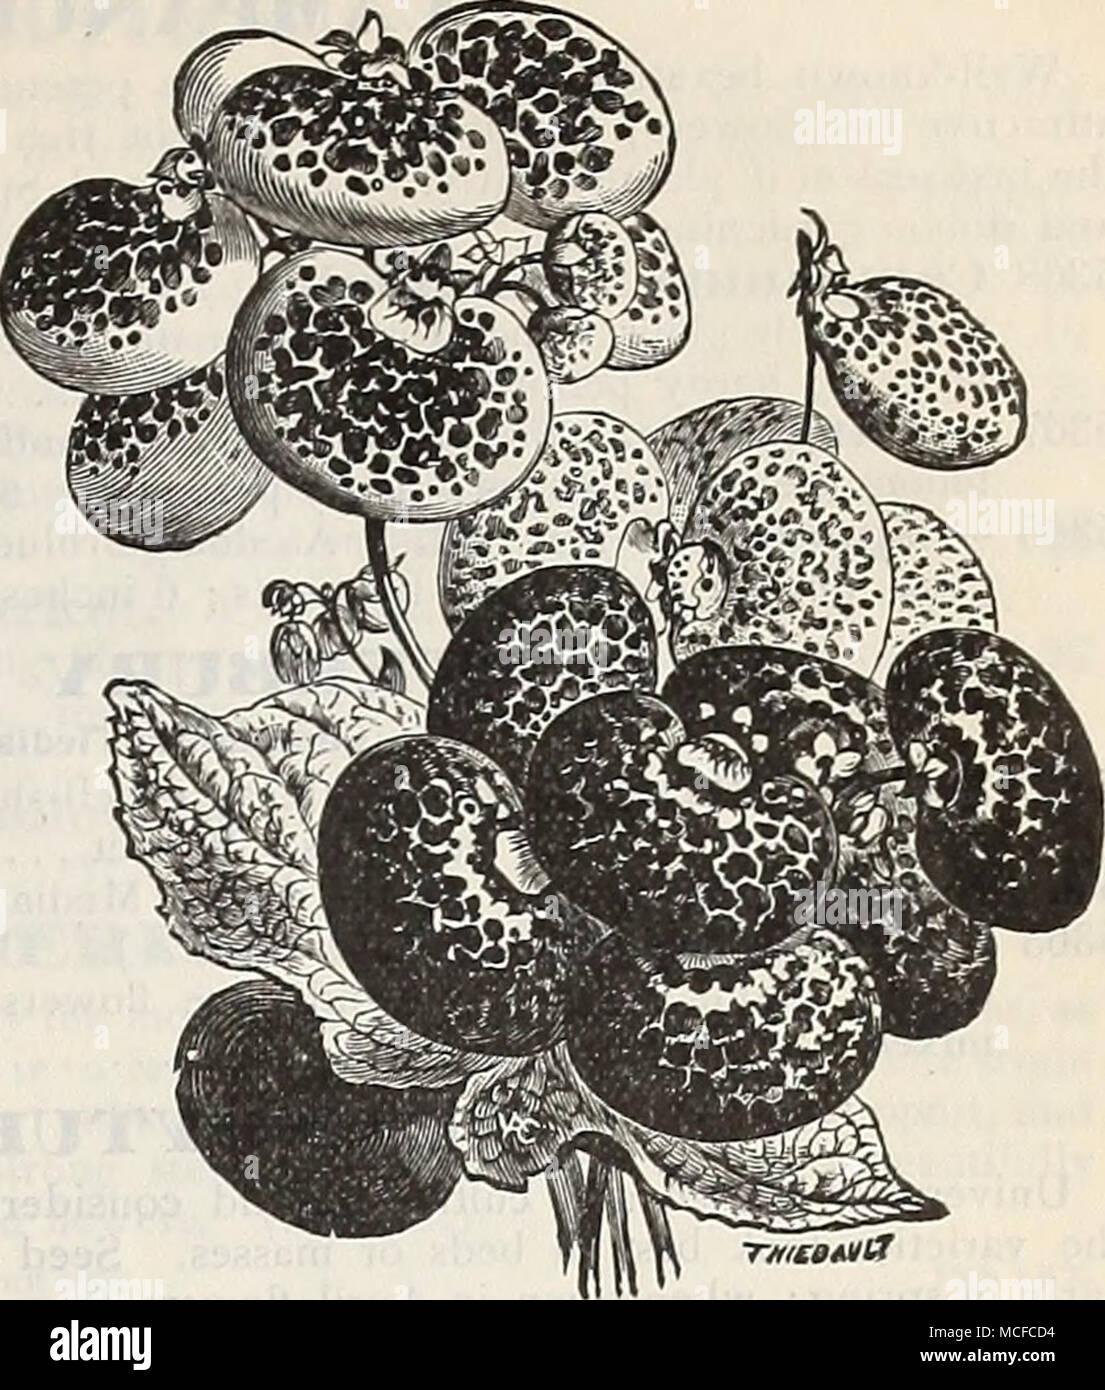 """. -RmatnlX Calceolaria Hybrida Tigkina. Corte.) 20. 5353 Hybrida Grandi- flora Piimila coin- pacta. De enano, com- pacto, un sólido crecimiento, pro- ductoras enormes vigas de gran y variado brillante coloreado y manchada de flores ; 1 ft 5354 Kug-OSA, mezclado {^Arbustivos)--flor pequeña- ción de variedades para la ropa de cama; de los mejores colores; 1 ft. 3"""") 50 CAI^I^IRHOB. Un crecimiento anual muy bonita, de dos a tres pies de alto. Se comienza a florecer cuando era muy pequeña, y con- sigue existiendo una masa de florecen todo el verano. 5341 Calllrhoe Pedata. Crim ricos- Hijo, ojo blanco 5 Foto de stock"""